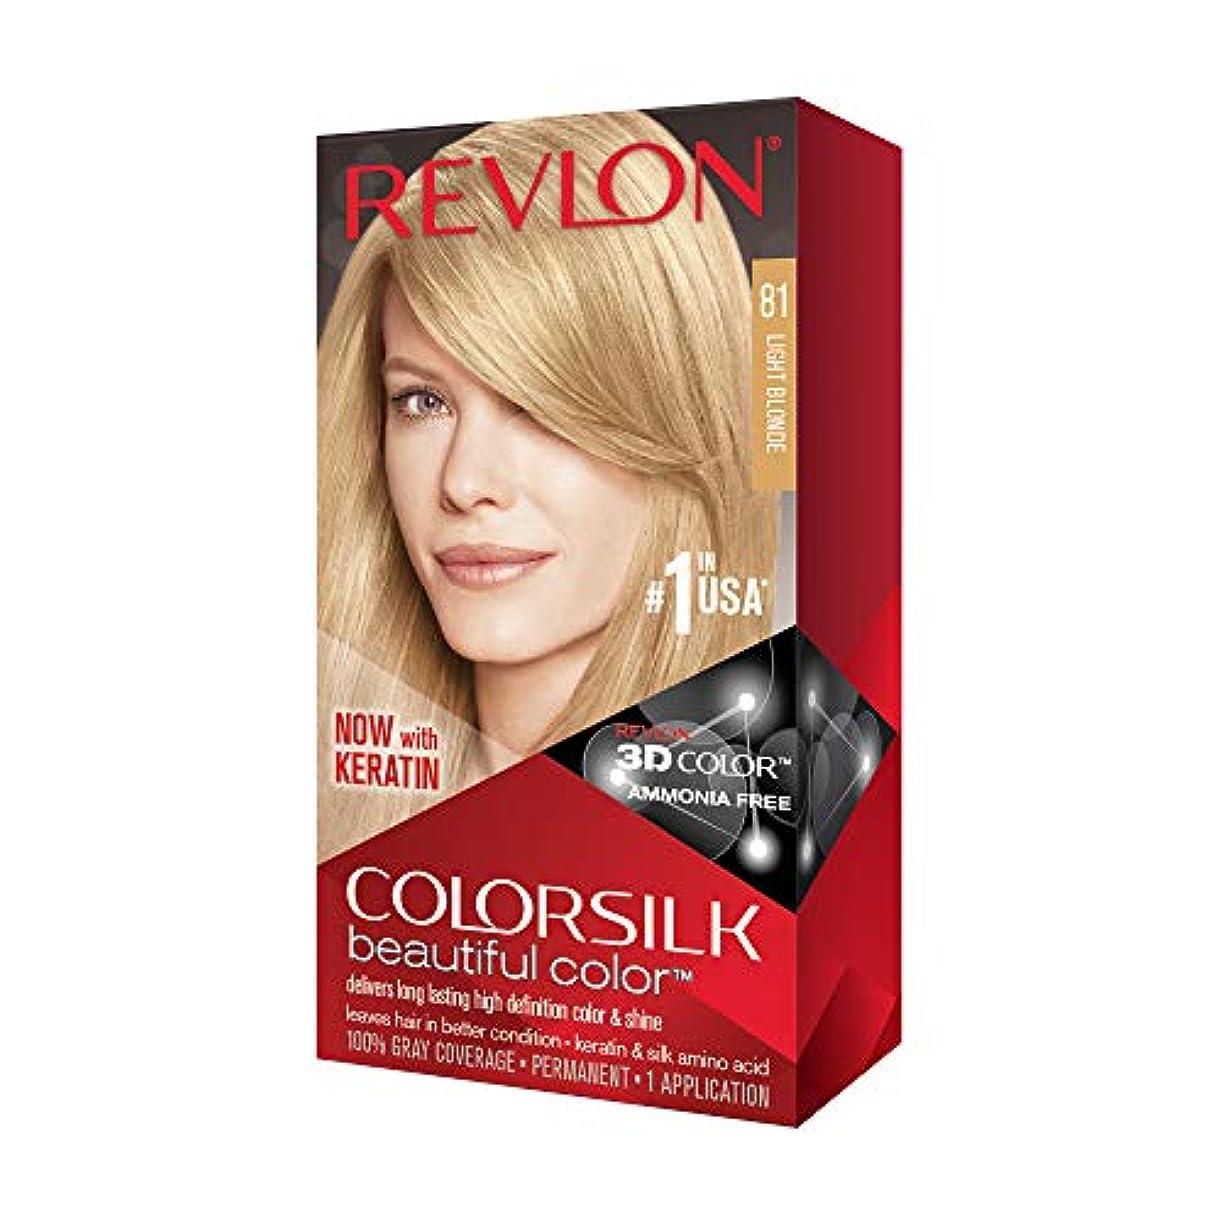 十分な口ニッケルRevlon Colorsilk美しい色、ライトブロンド、1つのカウント